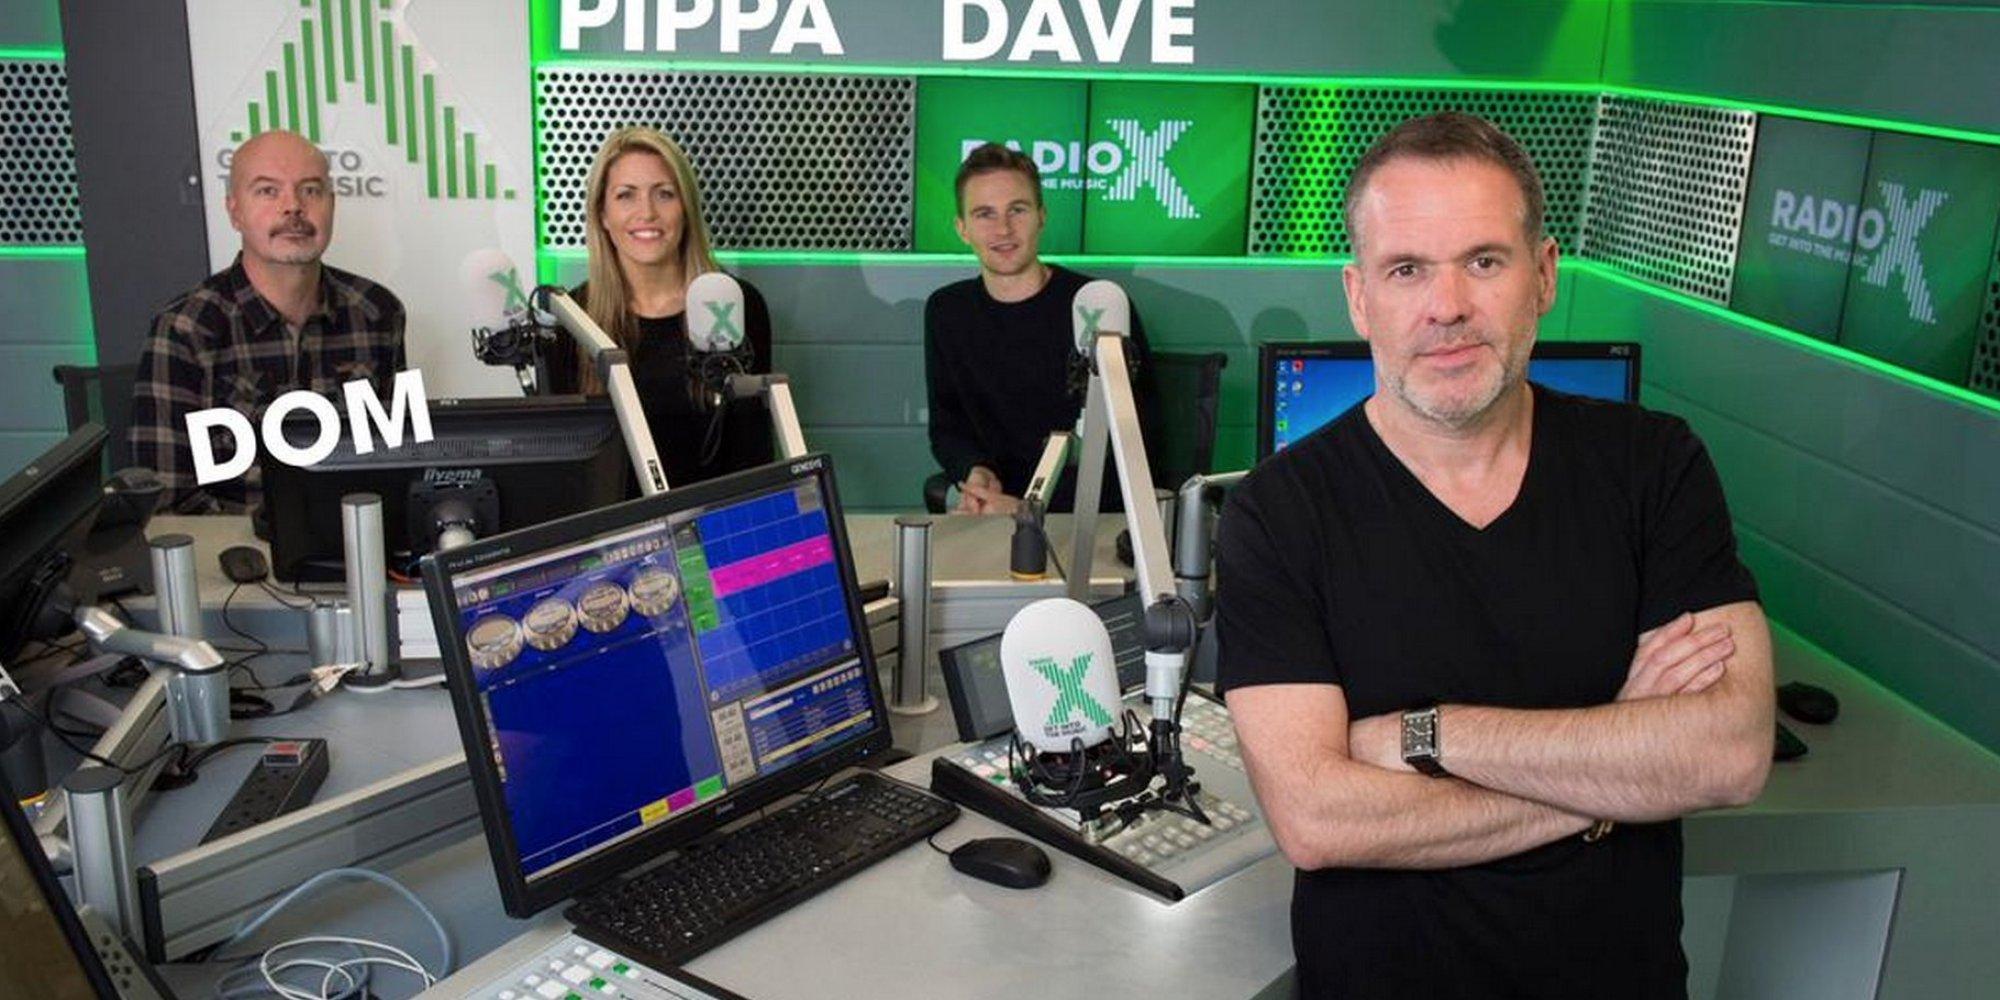 The Chris Moyles Show Team